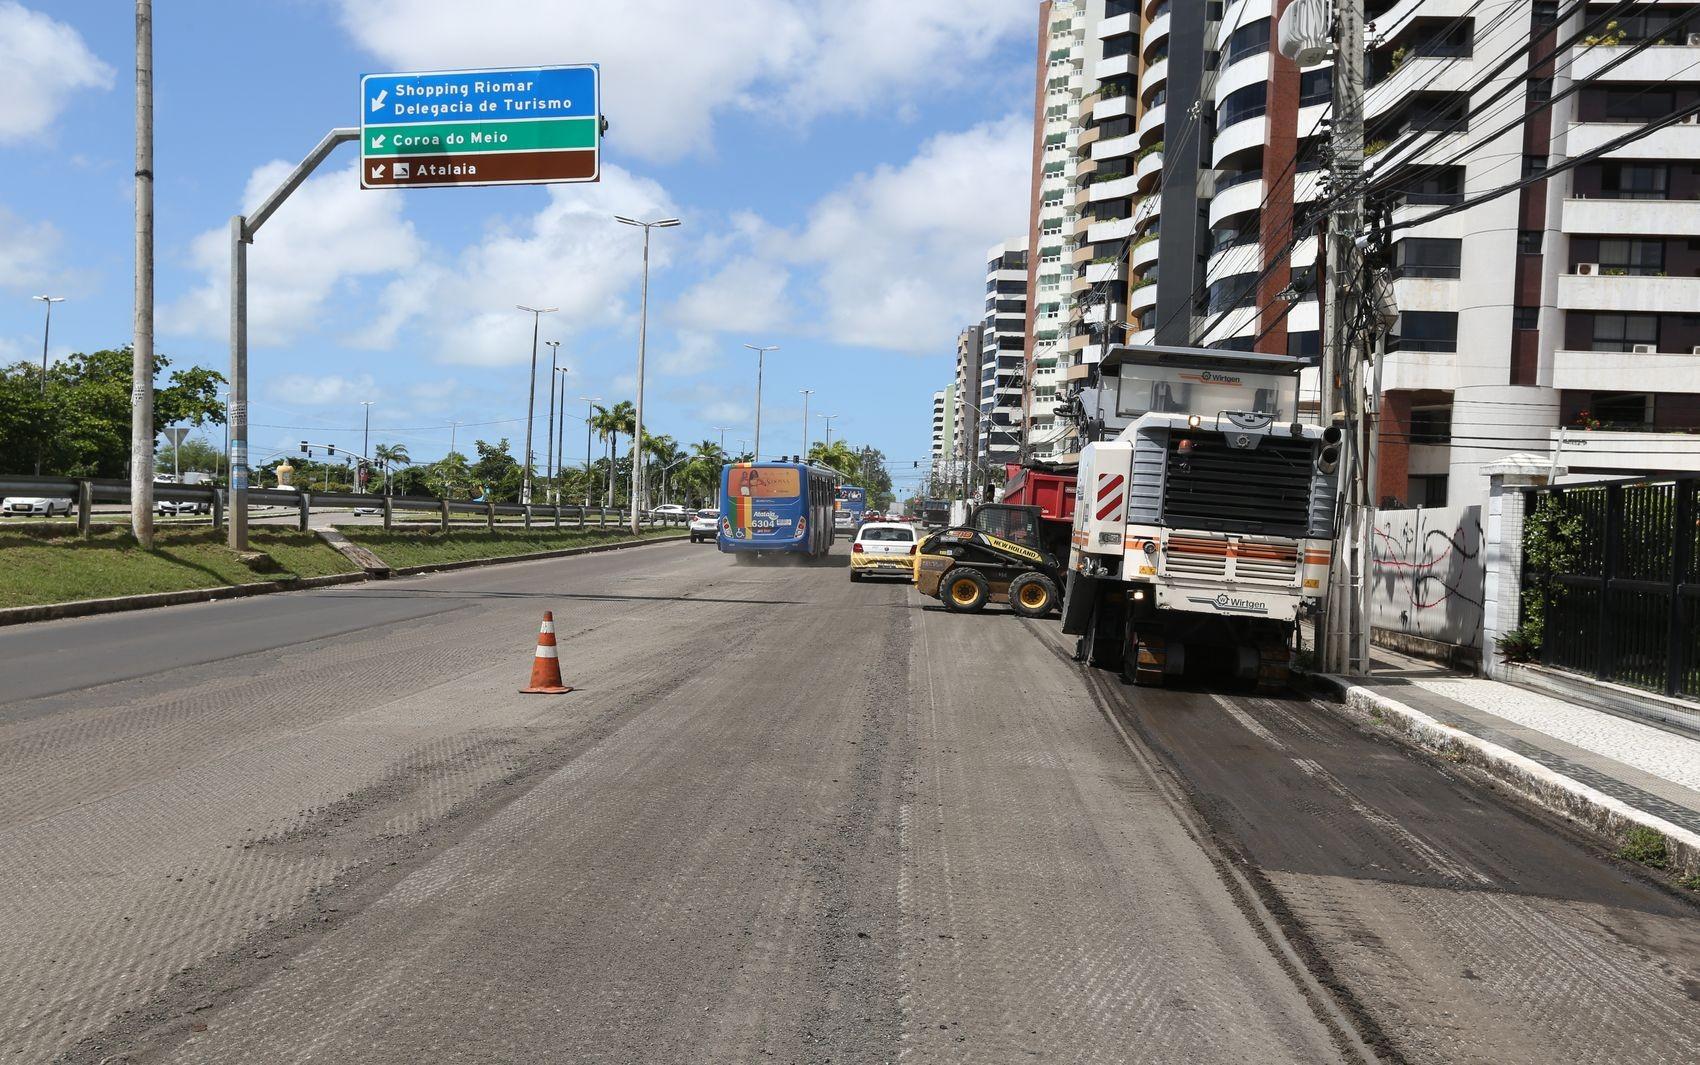 Trânsito continua em meia pista na Avenida Beira Mar nesta terça-feira  - Notícias - Plantão Diário